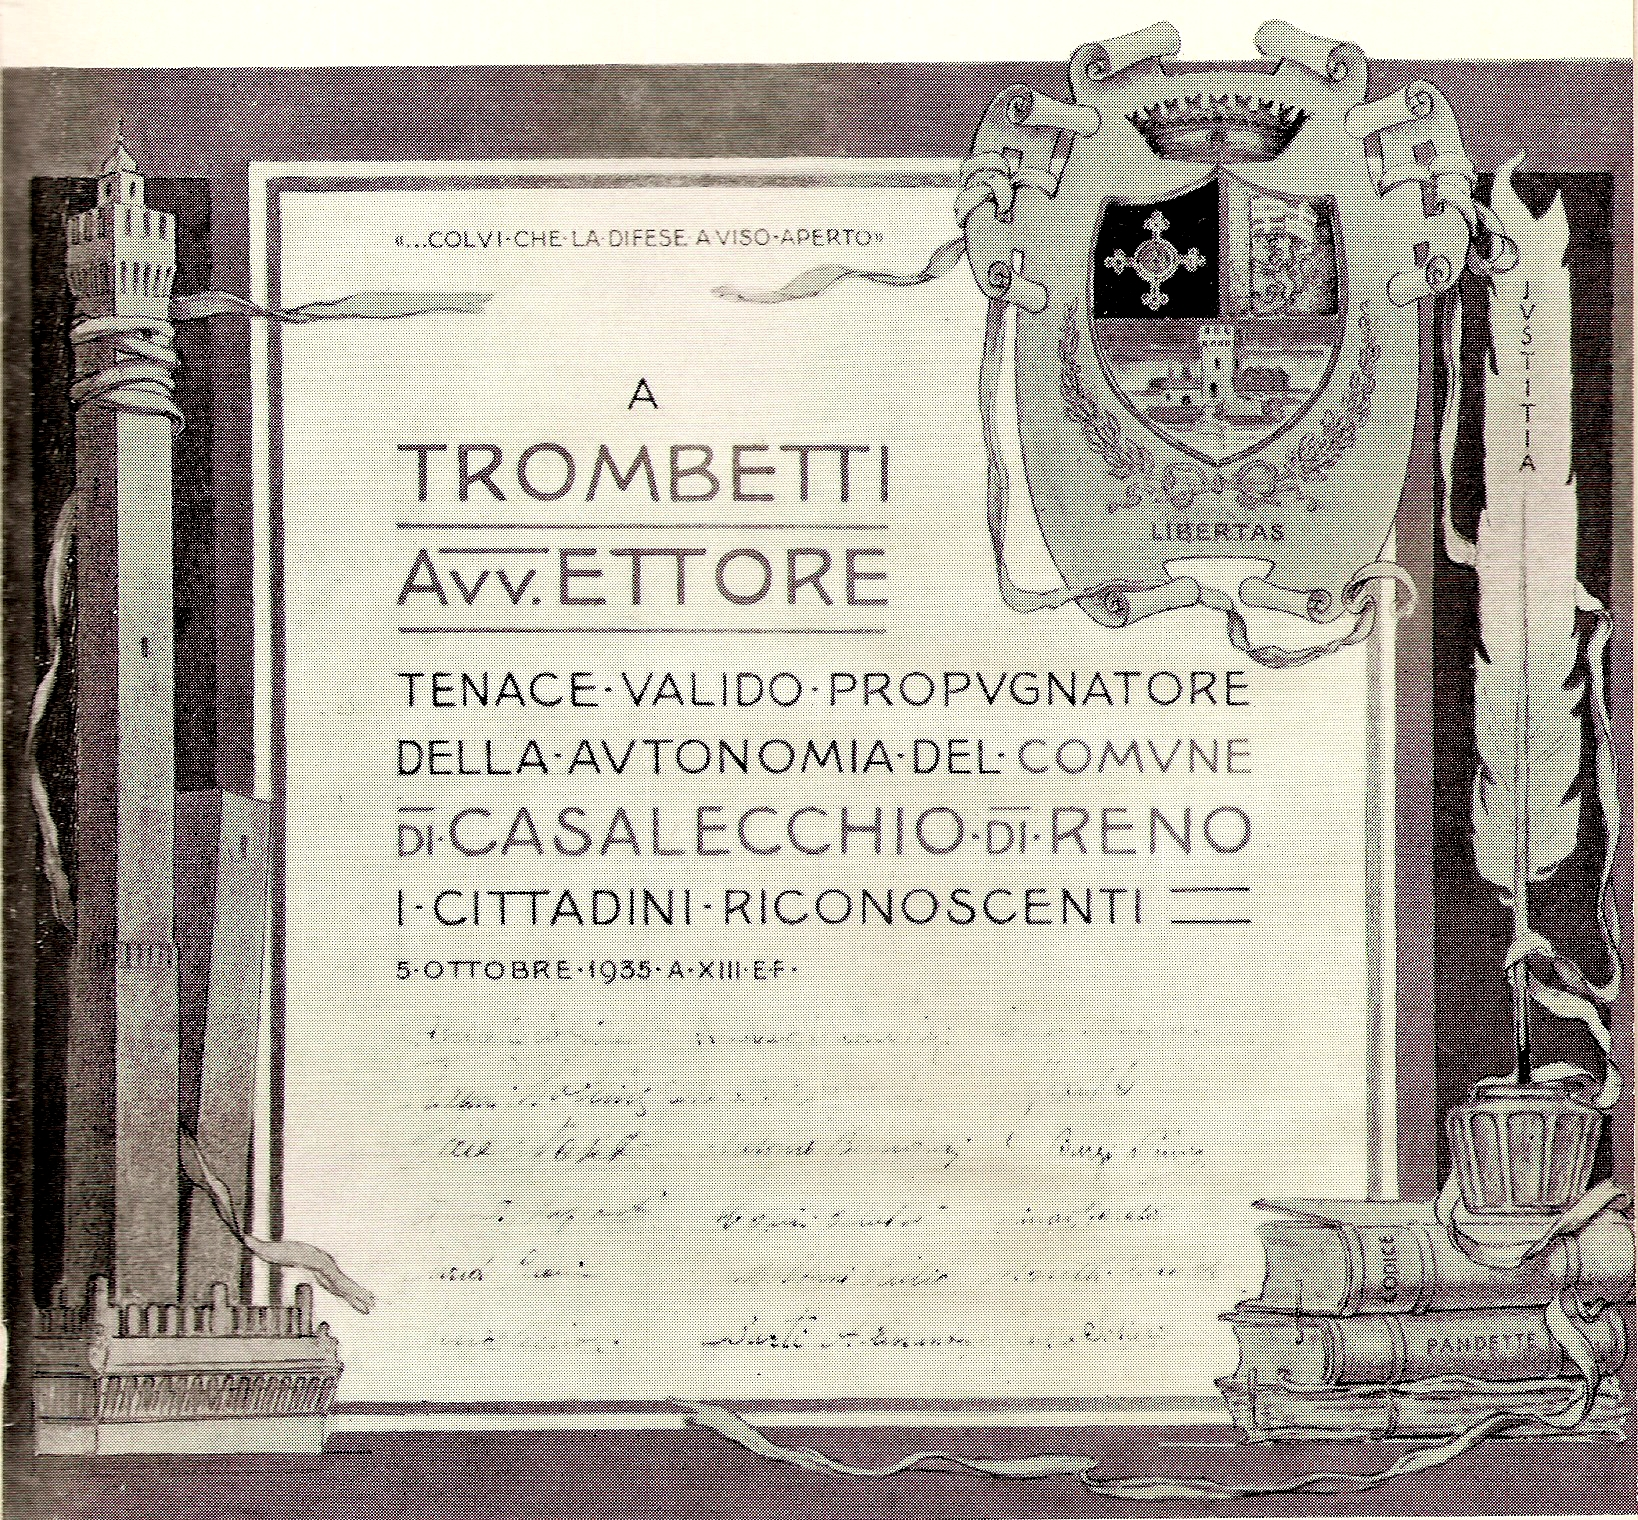 La pergamena, dipinta da Nasica, omaggio dei casalecchiesi all'Avv.to Ettore Trombetti